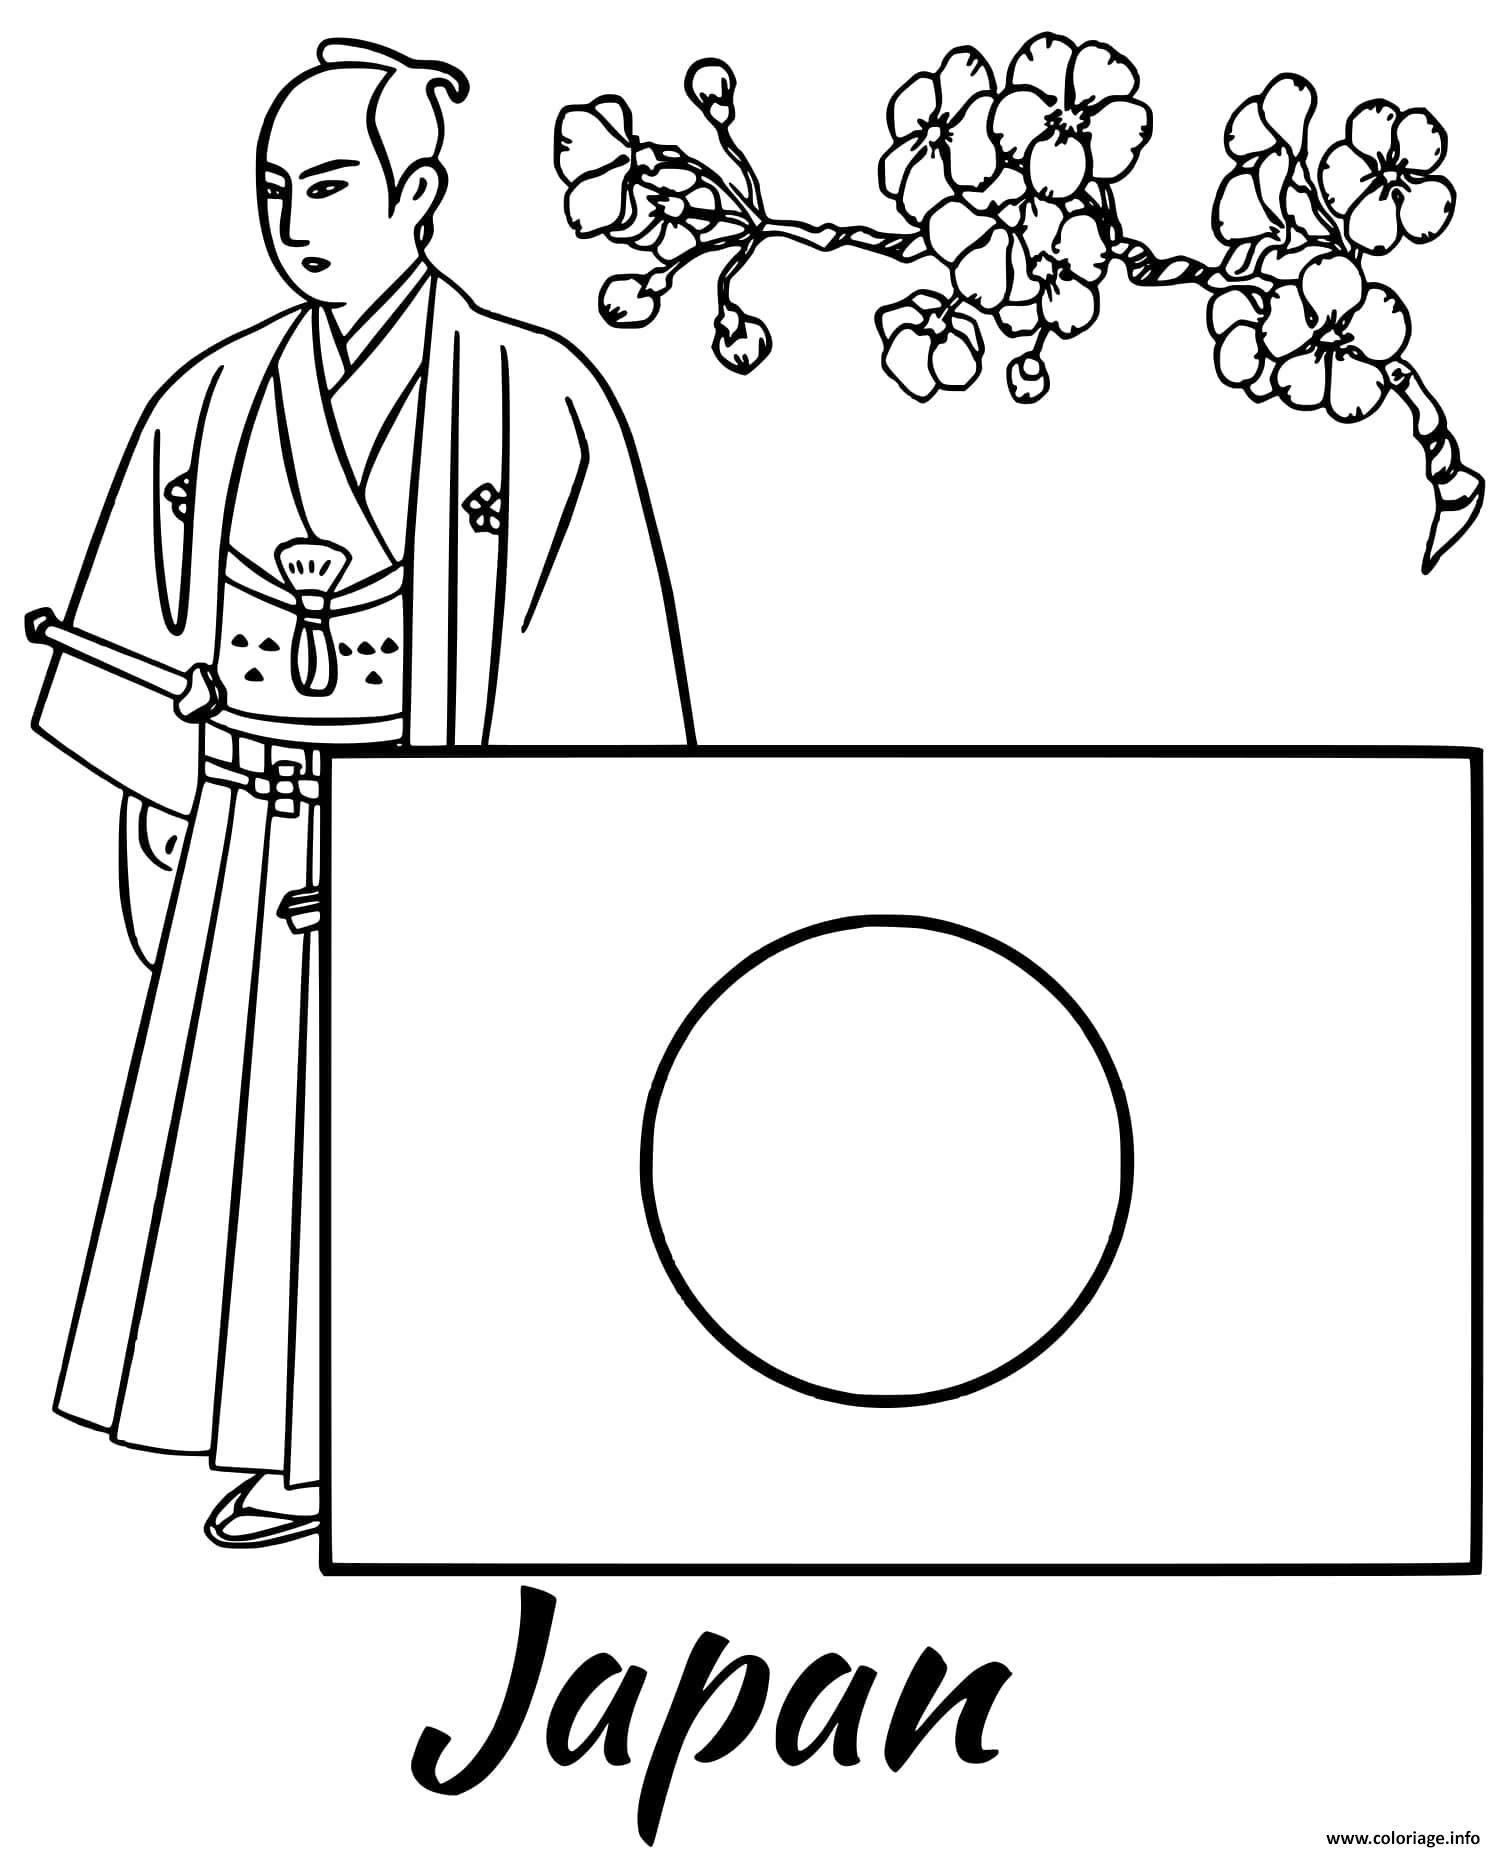 Dessin japon drapeau samurai Coloriage Gratuit à Imprimer